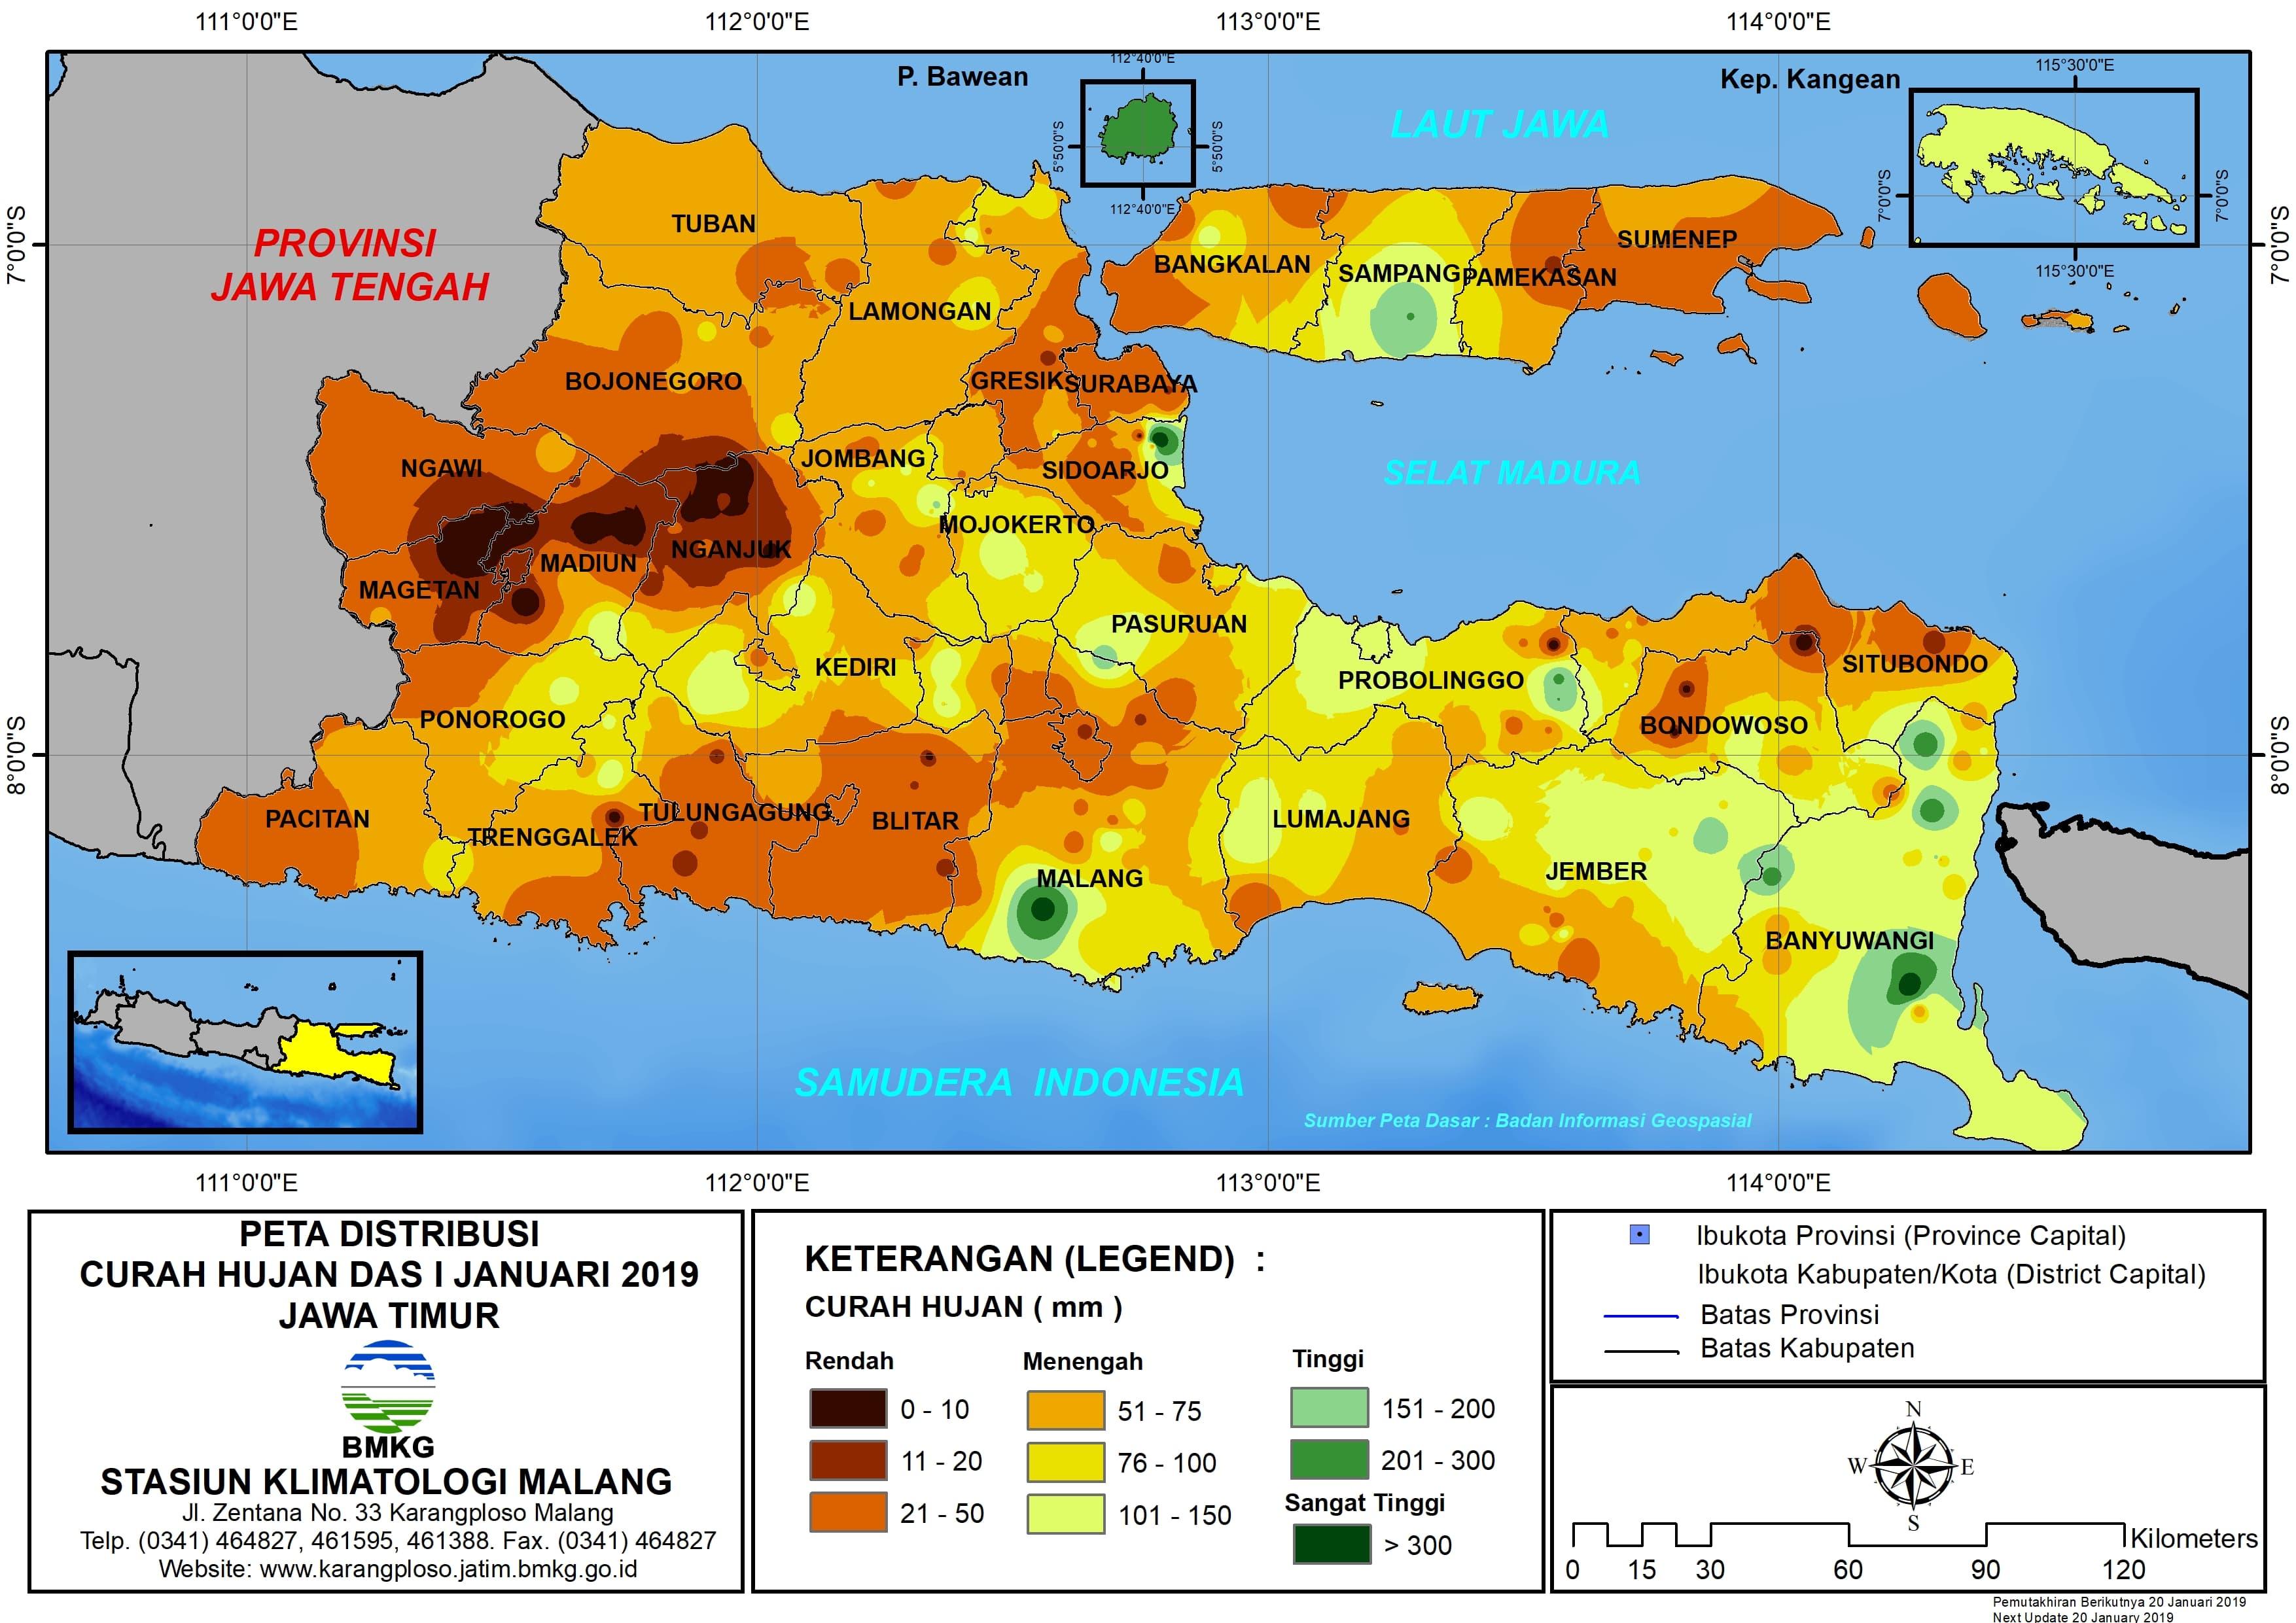 Peta Analisis Distribusi Curah Hujan Dasarian I Januari 2019 di Provinsi Jawa Timur